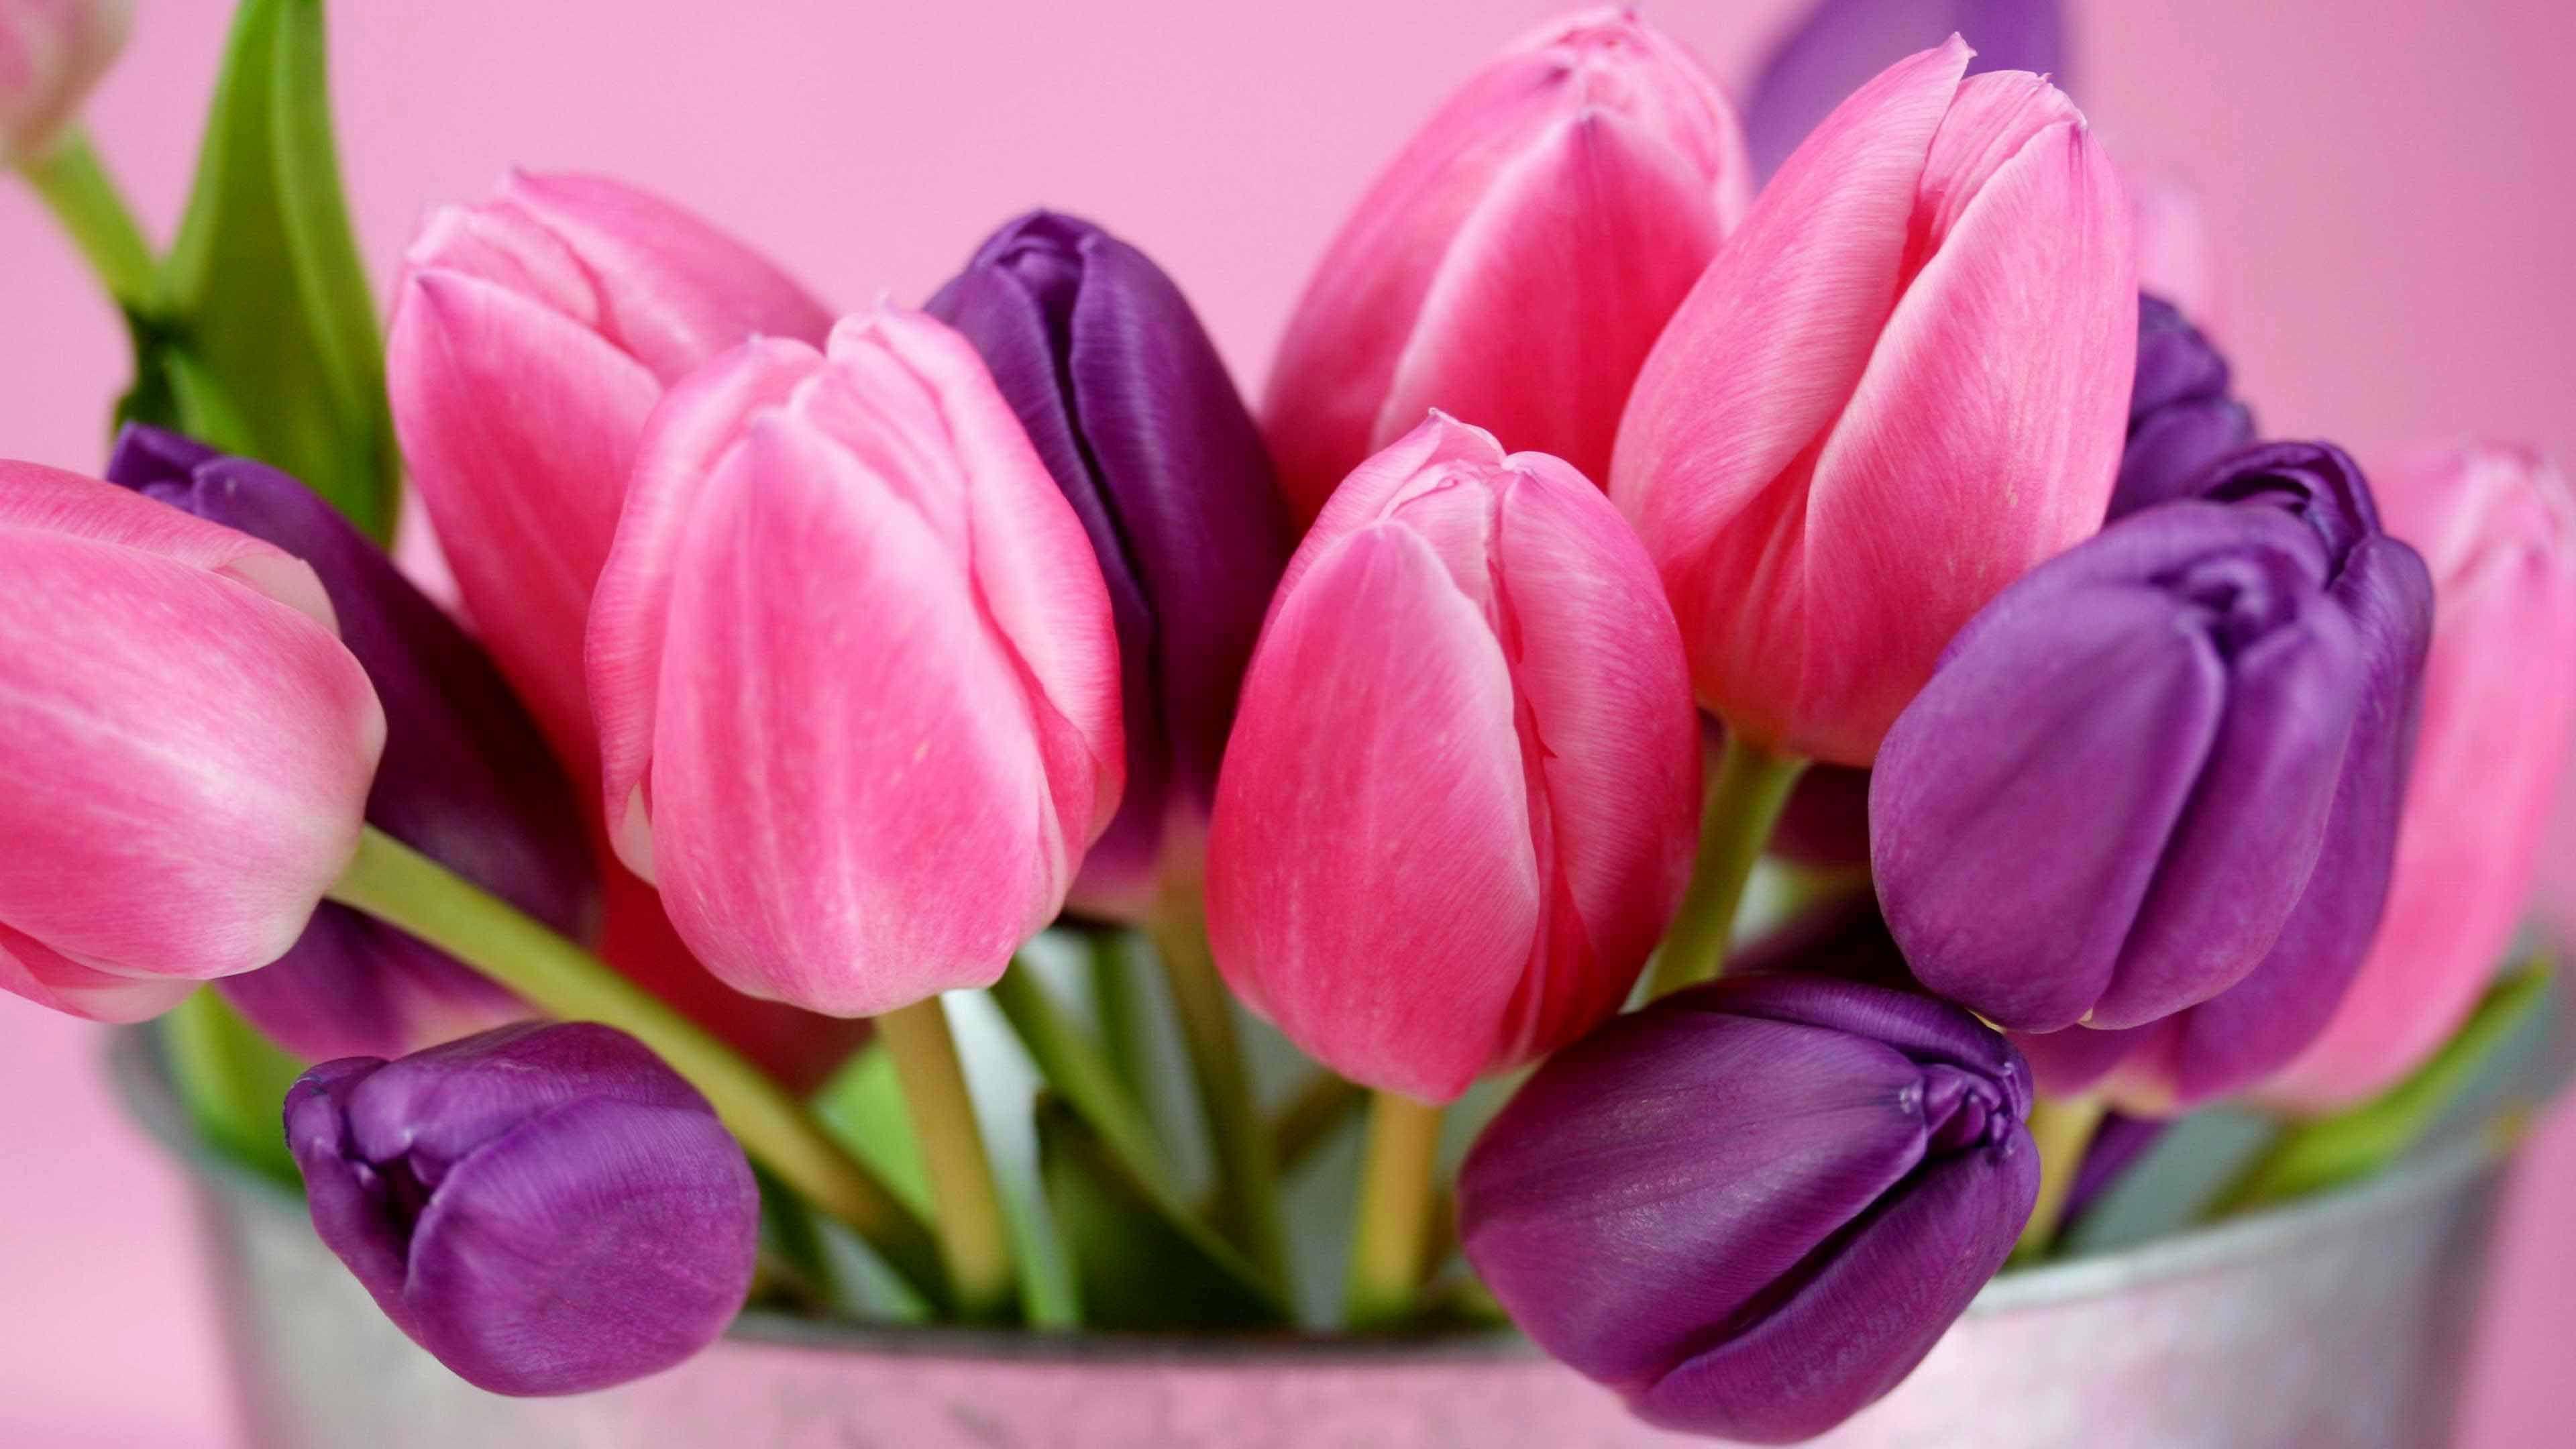 тюльпаны фото: 22 тыс изображений найдено в Яндекс.Картинках